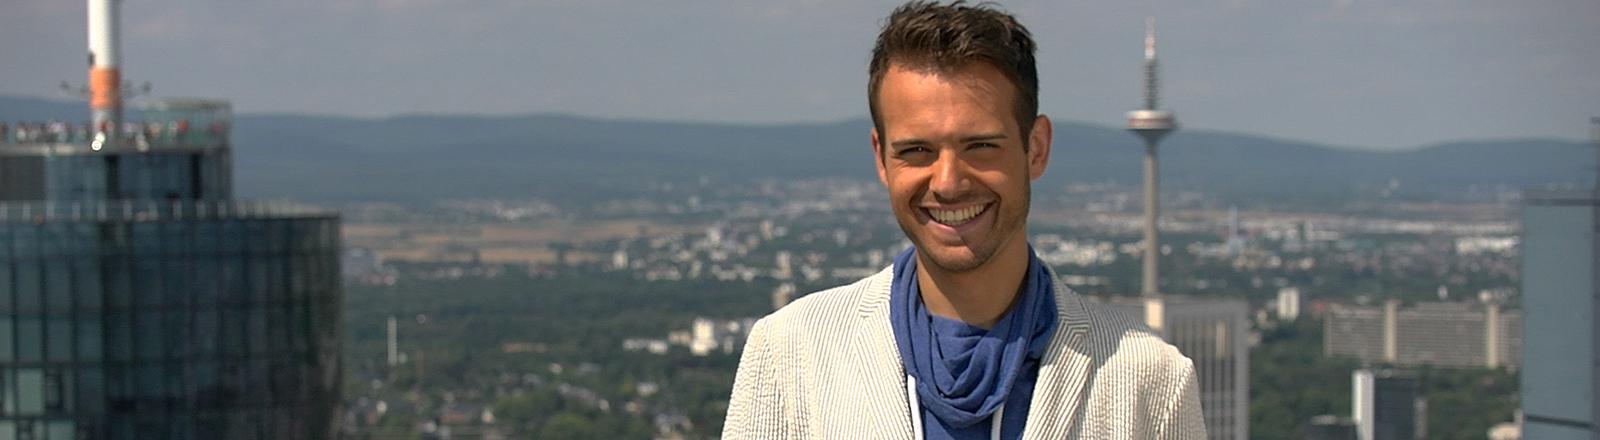 Yannick mit einem strahlenden Lächeln nach seiner Kiefer-OP